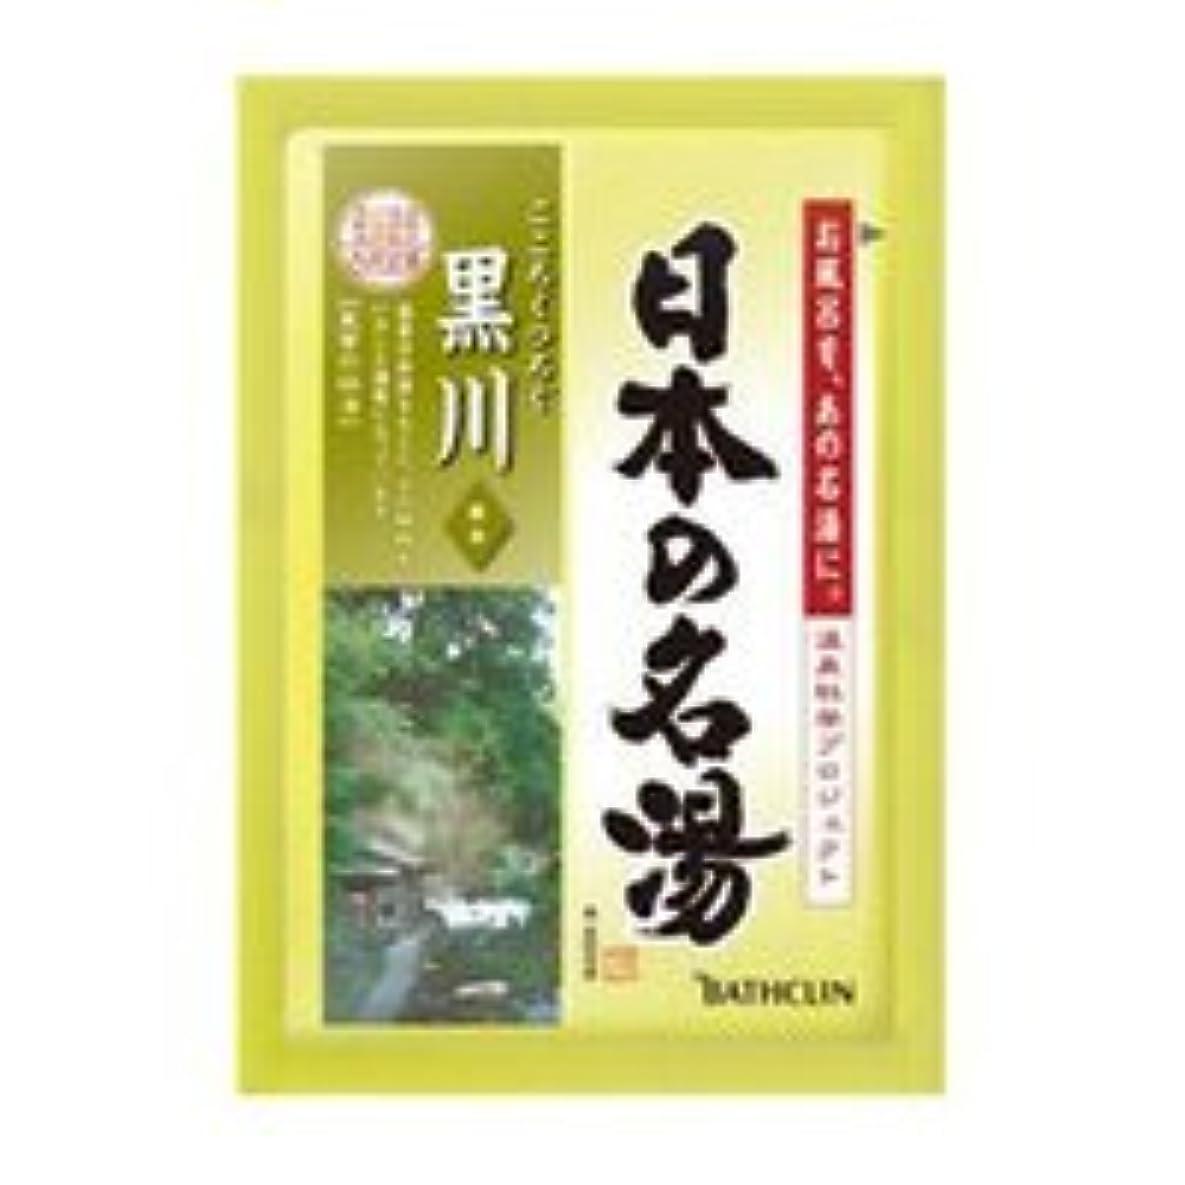 急勾配のうねる最近バスクリン 日本の名湯 黒川 1包 30g (温泉タイプ入浴剤)×120点セット (4548514135093)